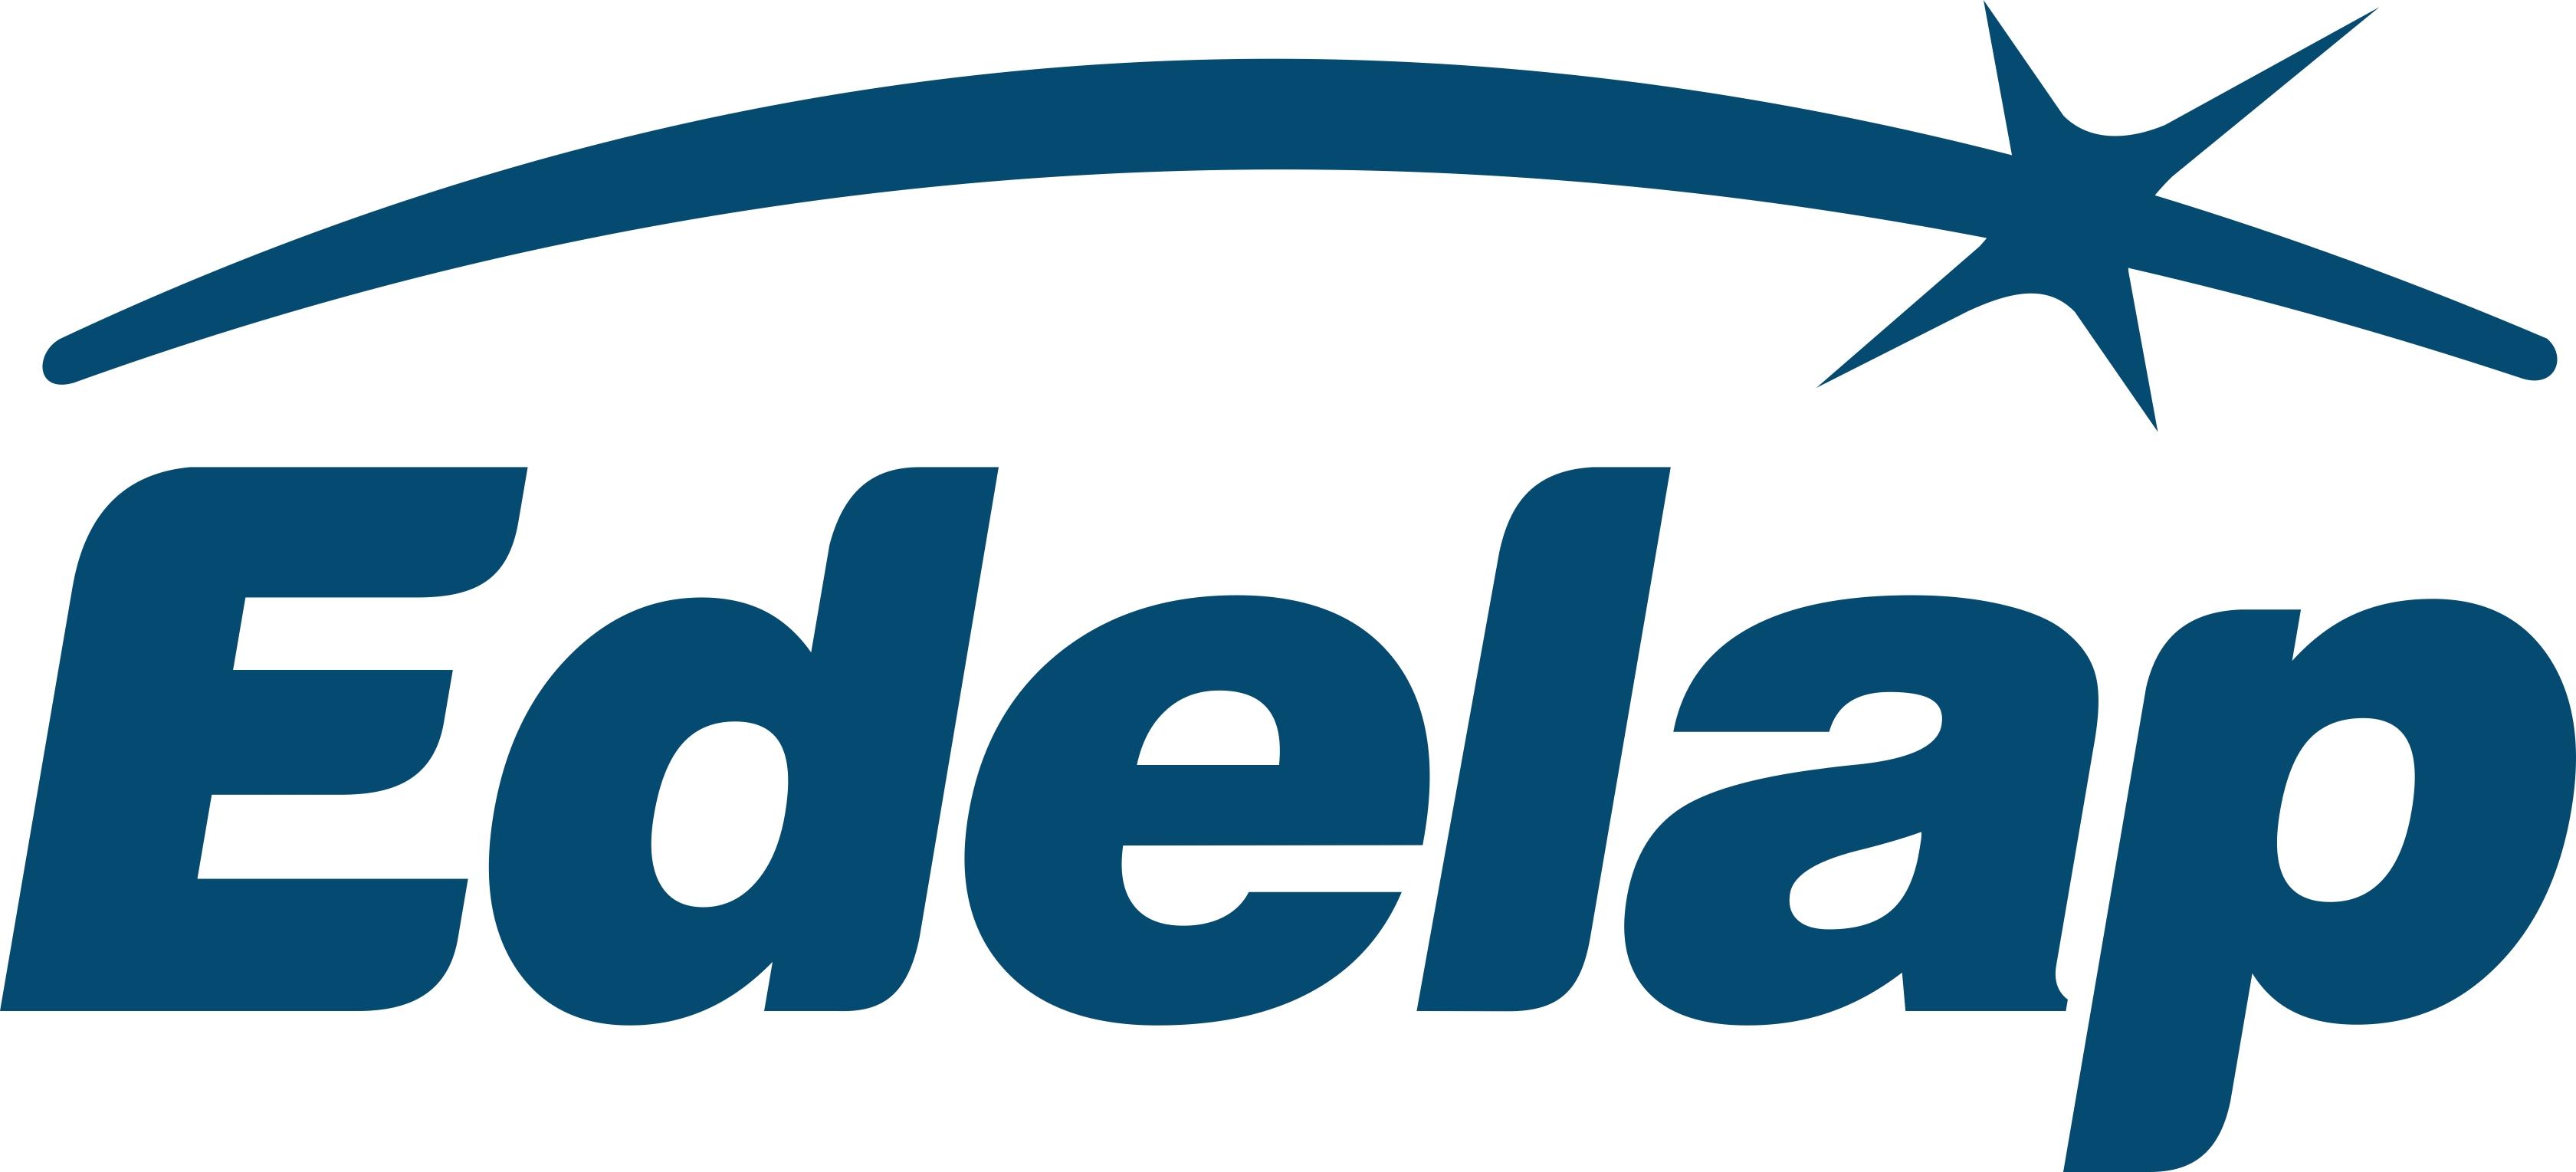 Edelap deberá cumplir una sanción millonaria y resarcir a los usuarios